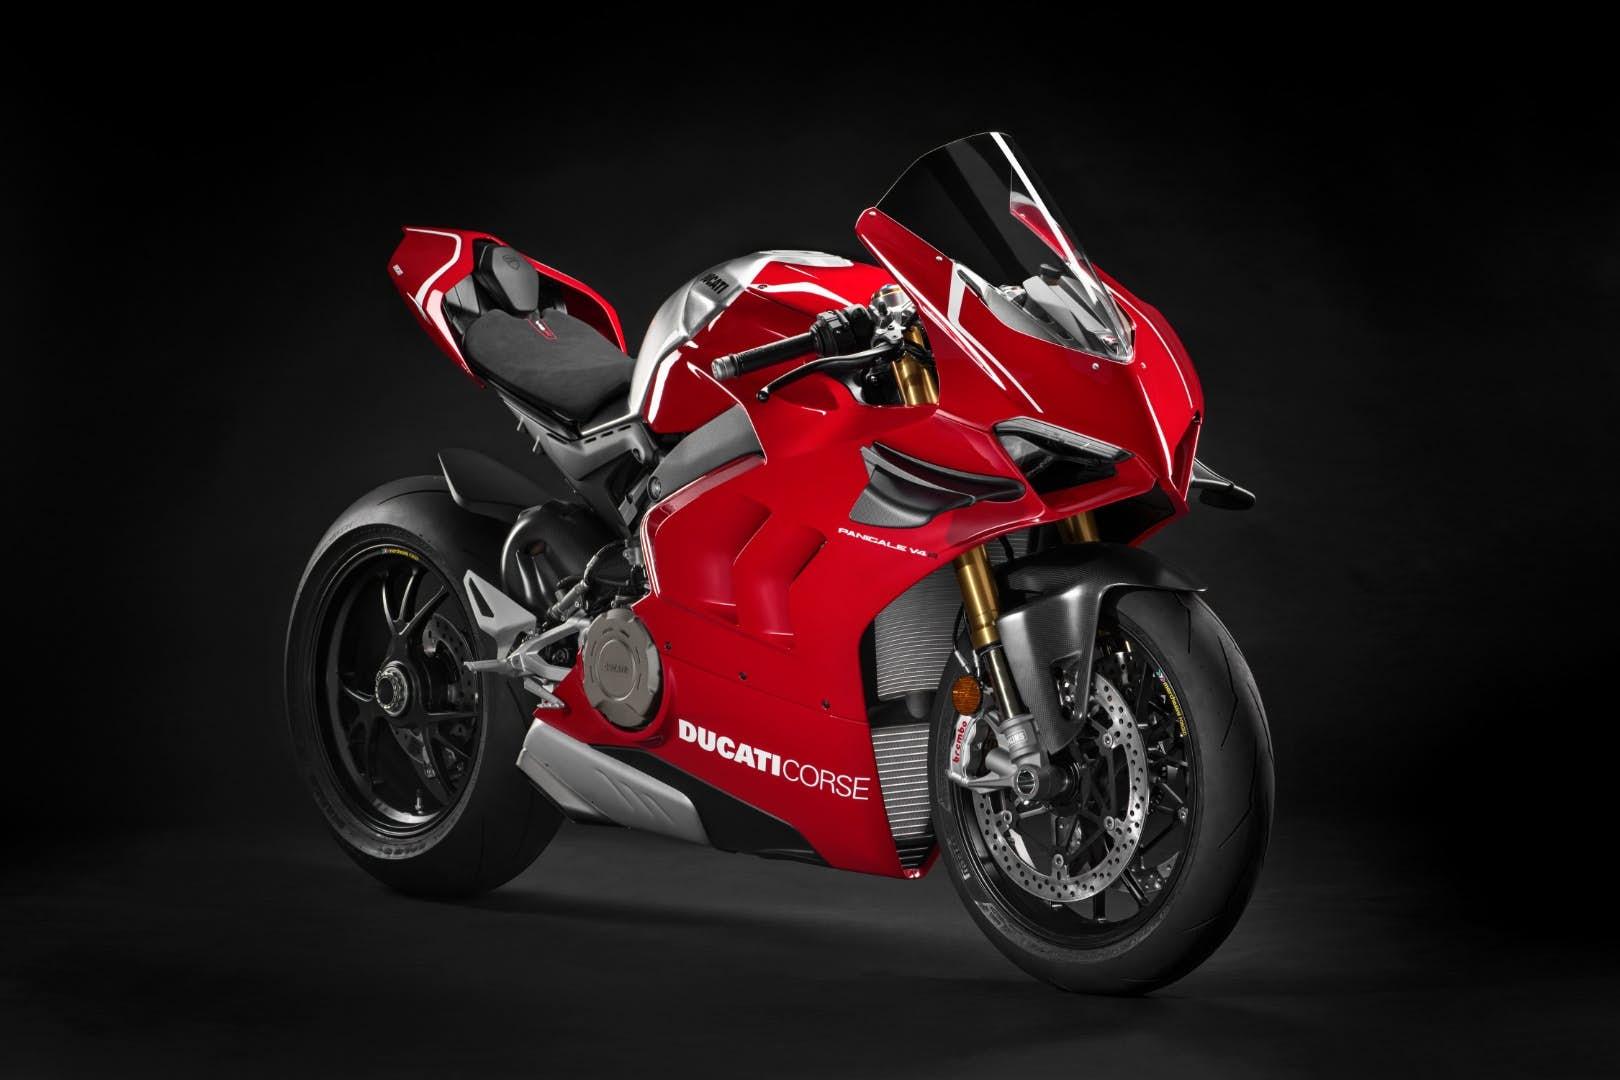 La nueva Ducati Panigale V4R es una moto de carreras homologada para la calle